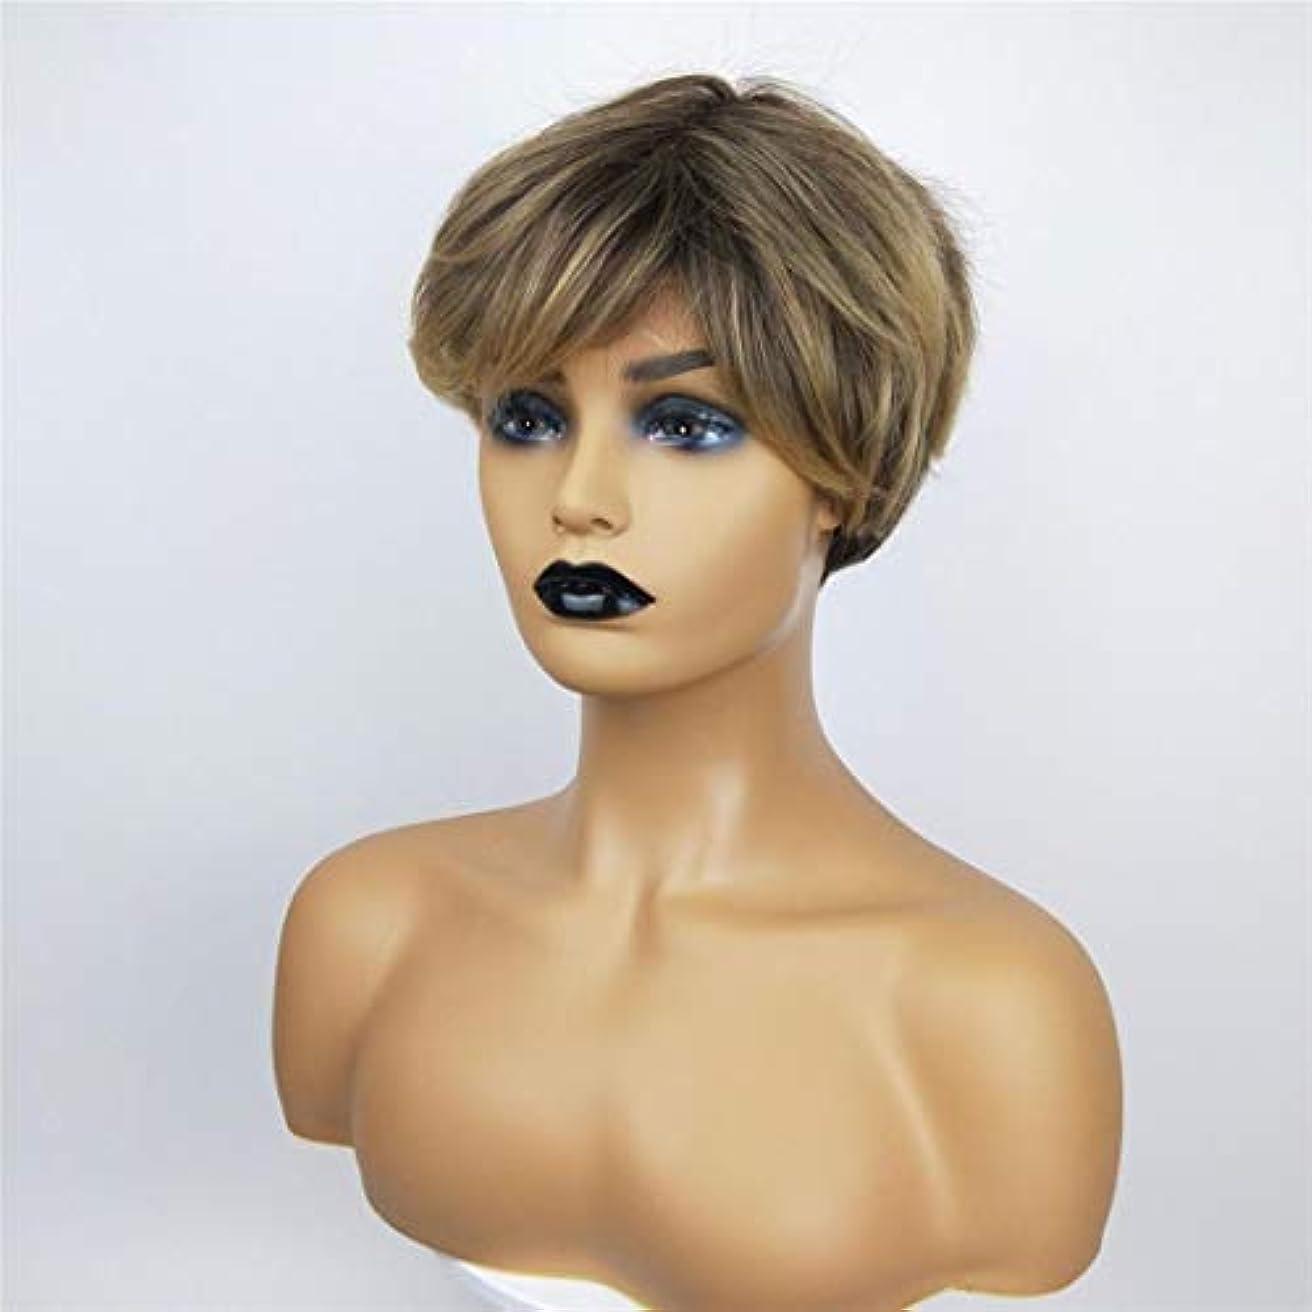 喪支援する発見Summerys 女性のための短い巻き毛のかつら高温シルクケミカルファイバーウィッグヘッドギア